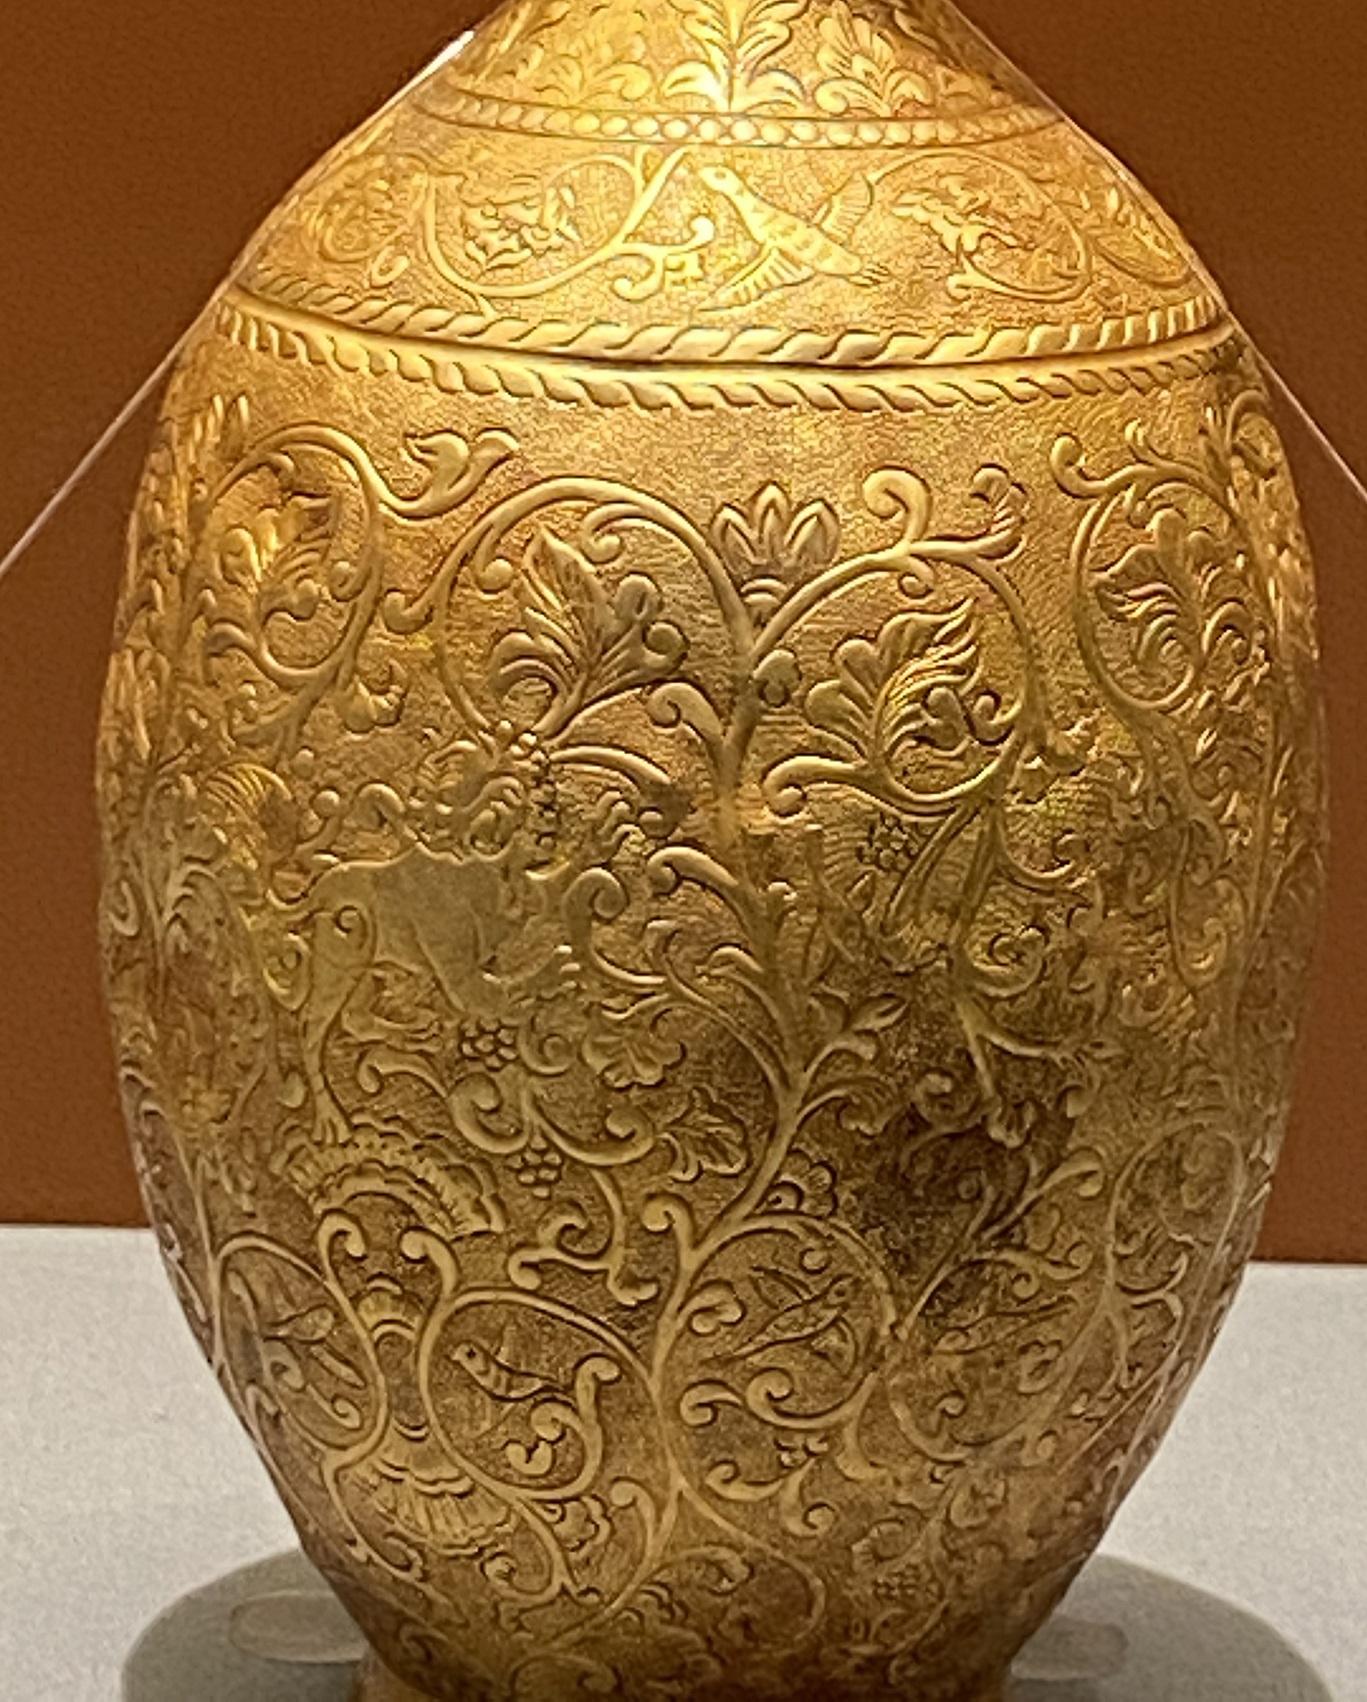 纏枝紋長頸金瓶-遼時代-特別展【食味人間】四川博物院・中国国家博物館